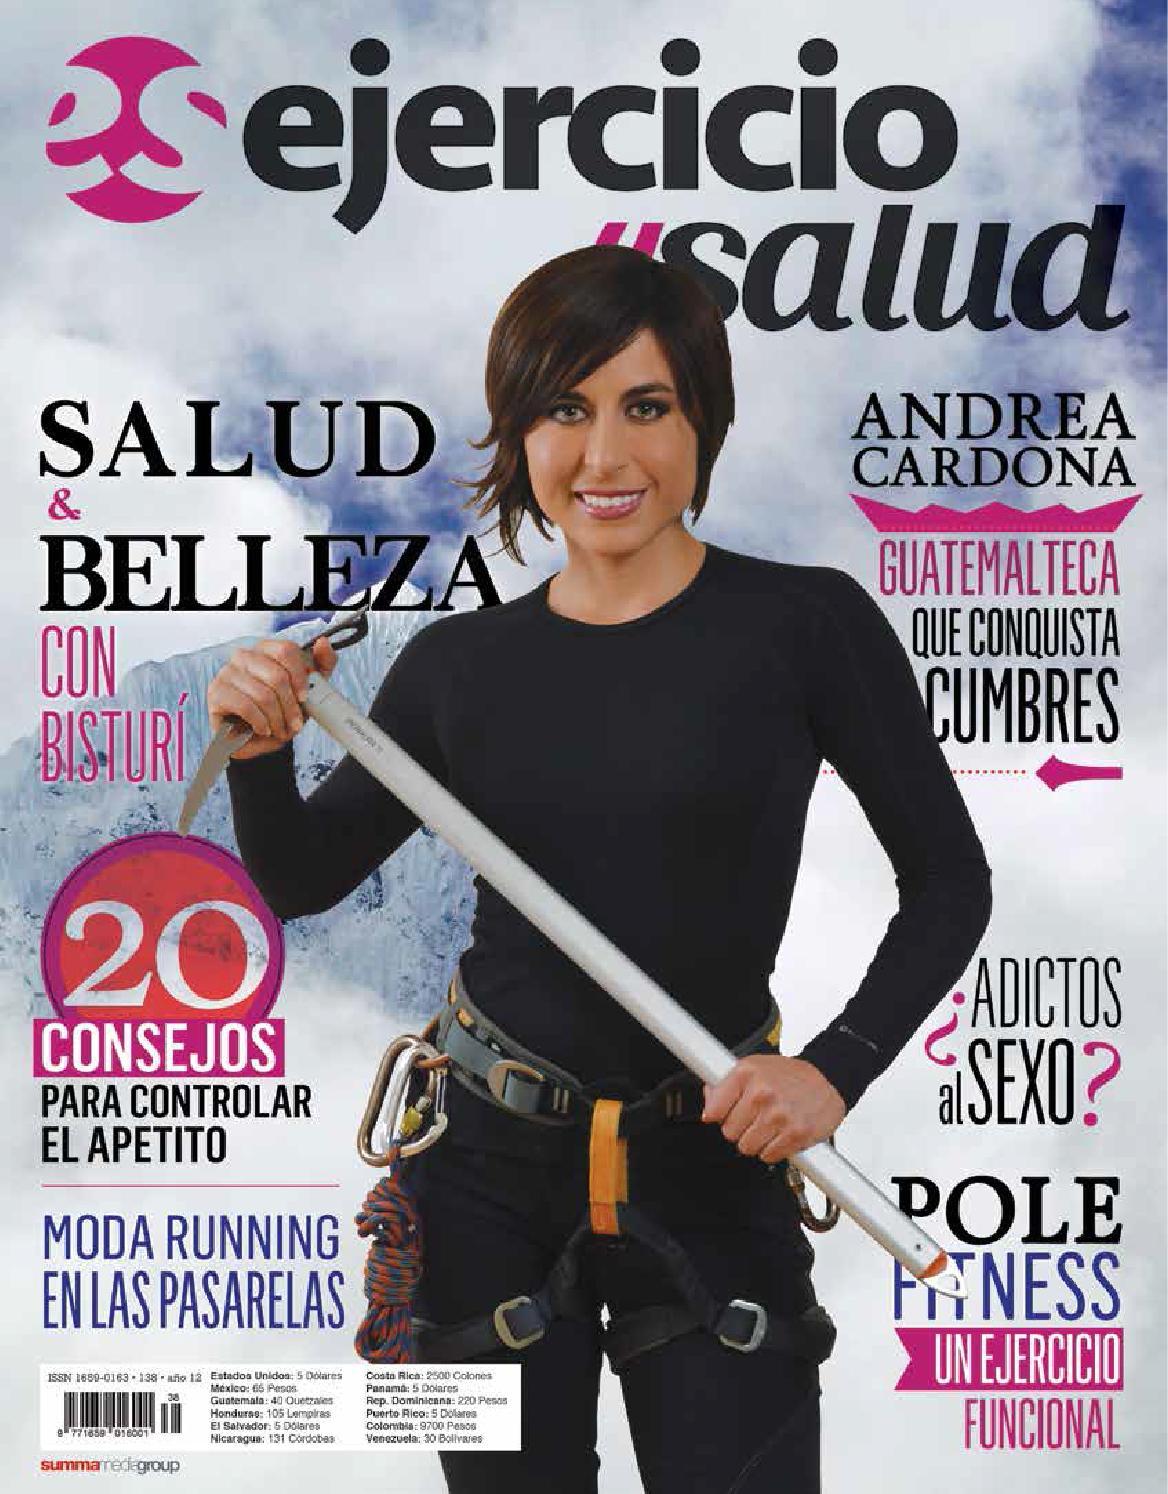 ef6120ddd Edición noviembre 2014 by Revista Summa - issuu